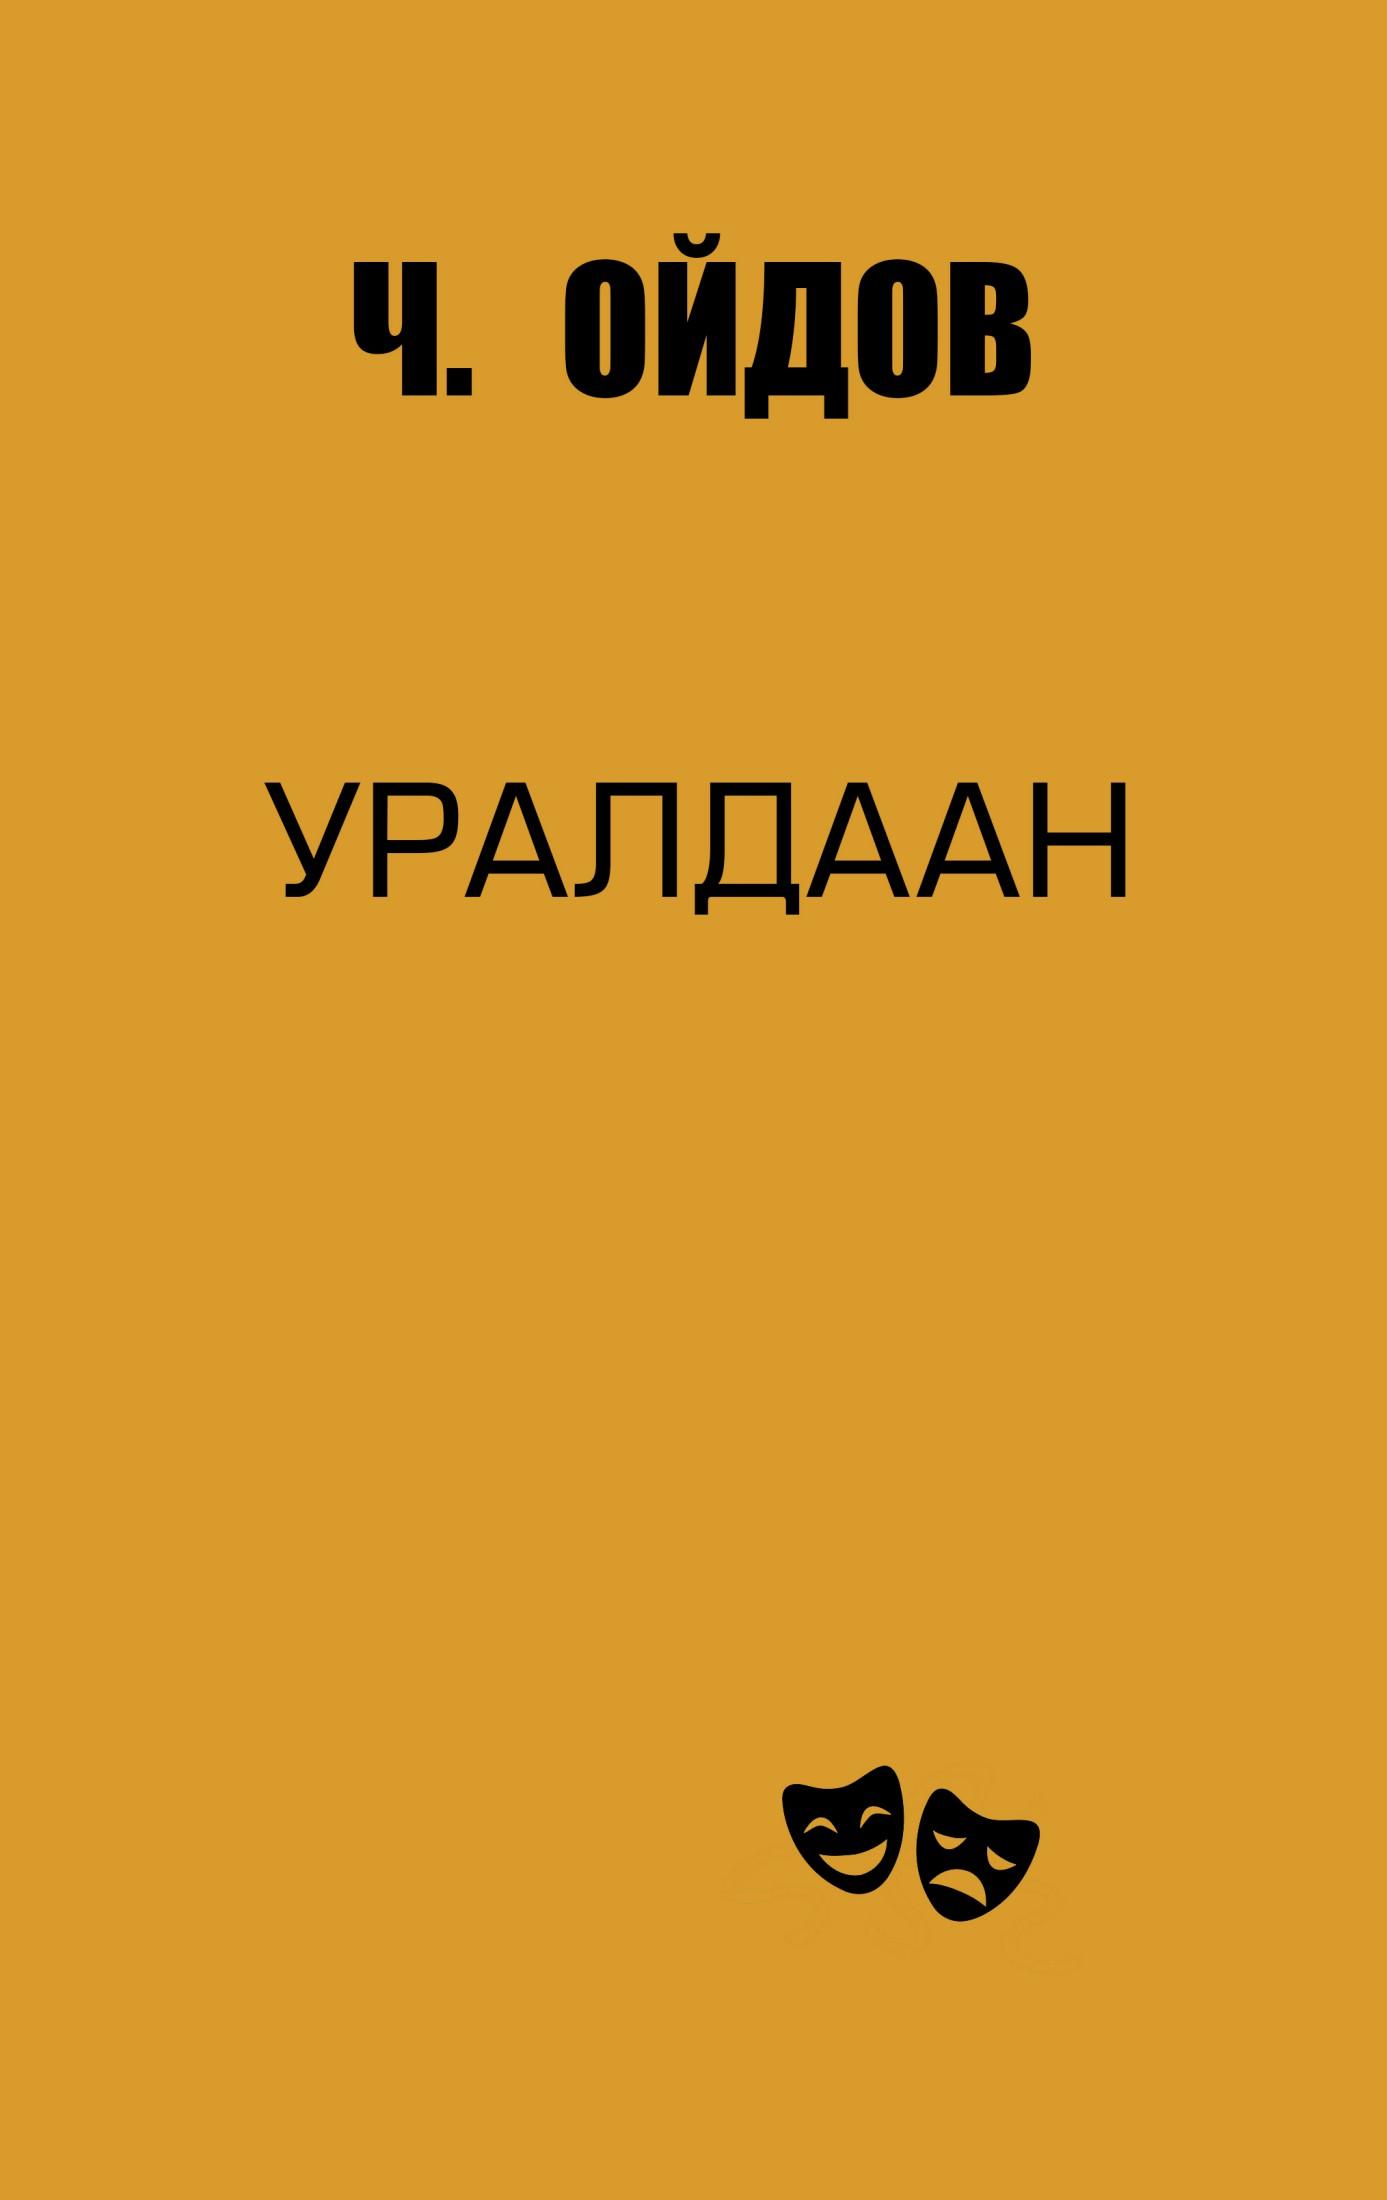 УРАЛДААН